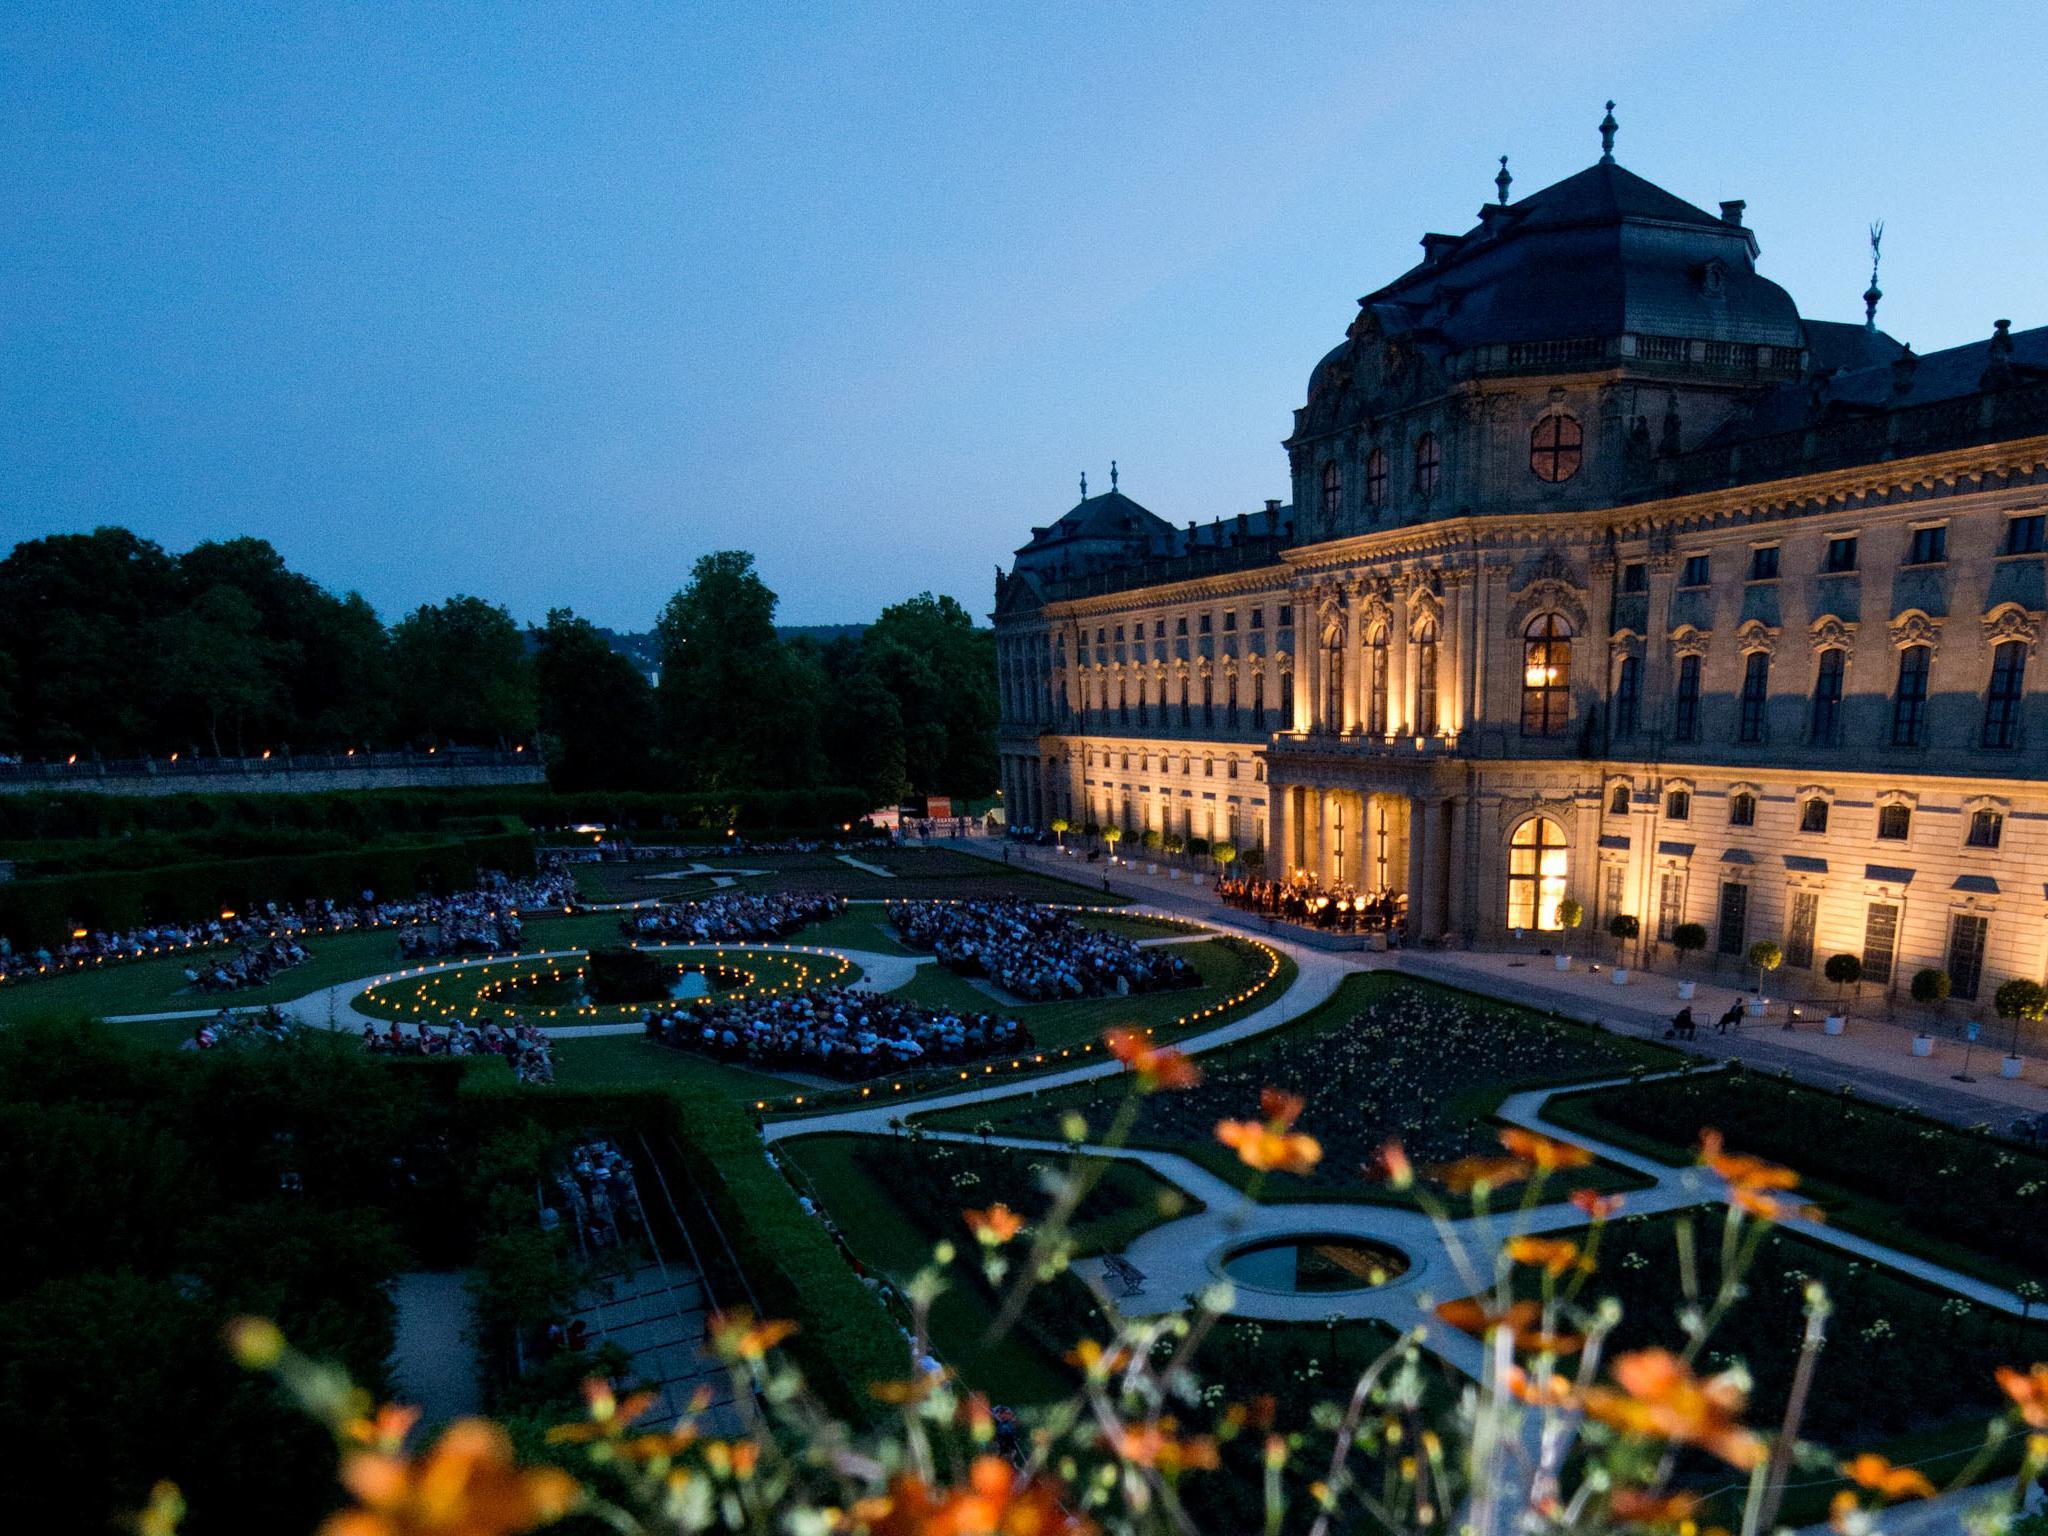 Die Nachtmusik auf dem Mozartfest. Foto: Daniel Peter